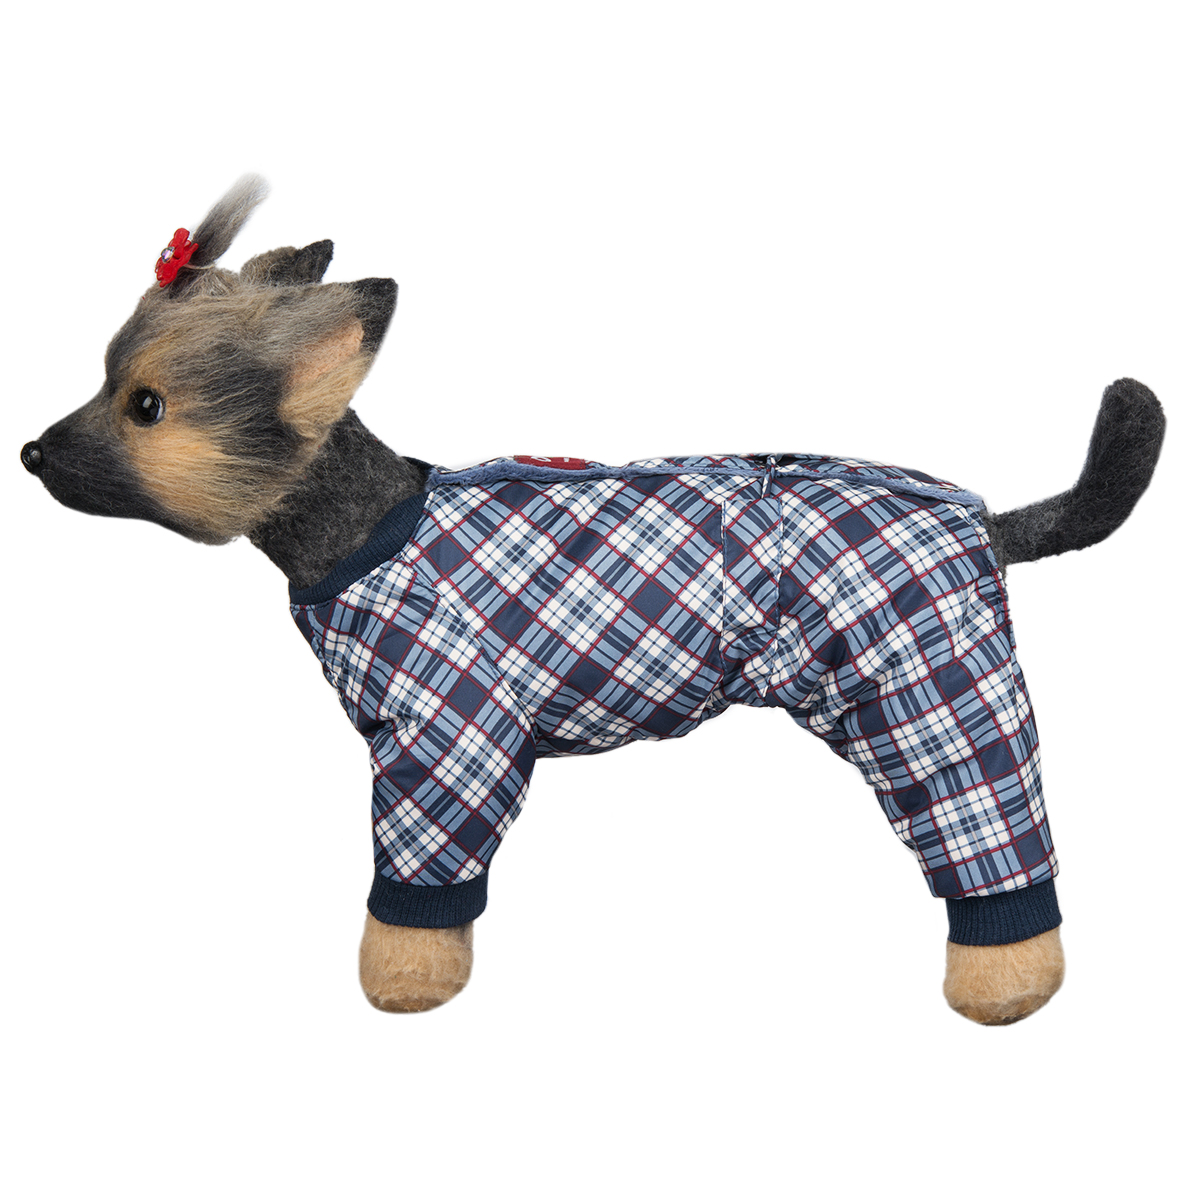 Комбинезон для собак Dogmoda Нью-Йорк, зимний, для мальчика, цвет: белый, темно-синий. Размер 1 (S)0120710Комбинезон для собак Dogmoda Нью-Йорк, оформленный ярким рисунком, отлично подойдет для прогулок в зимнее время года. Комбинезон изготовлен из водоотталкивающего полиэстера, защищающего от ветра и снега, с утеплителем из синтепона, который сохранит тепло даже в сильные морозы, а в качестве подкладки используется искусственный мех, который обеспечивает отличный воздухообмен. Комбинезон застегивается на кнопки на спинке, благодаря чему его легко надевать и снимать. Ворот, низ рукавов и брючин оснащены широкими трикотажными манжетами, которые мягко обхватывают шею и лапки, не позволяя просачиваться холодному воздуху. На пояснице комбинезон затягивается на шнурок-кулиску. Благодаря такому комбинезону простуда не грозит вашему питомцу, и он сможет испытать не сравнимое удовольствие от снежных игр и забав.